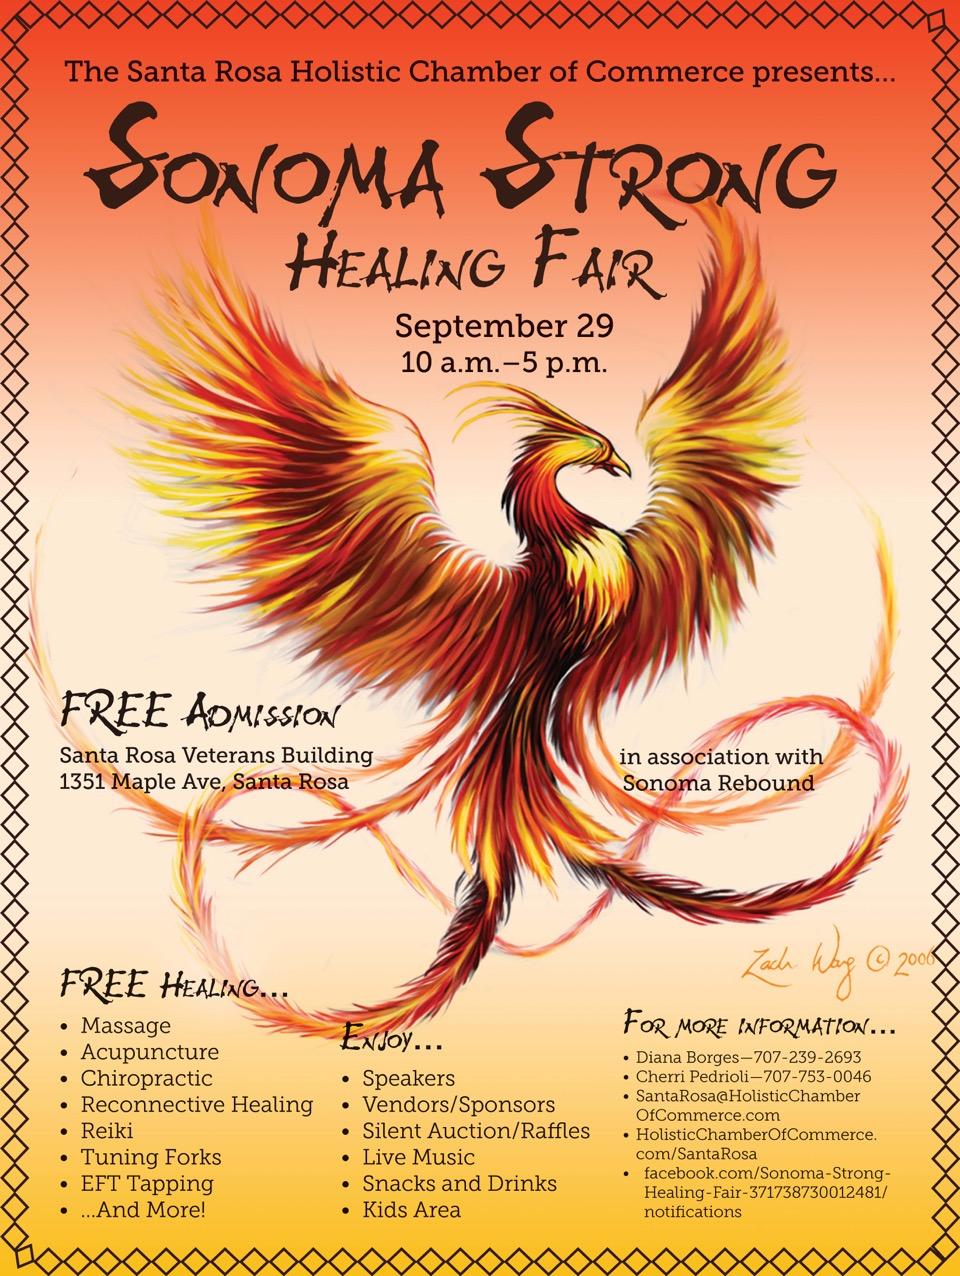 Sonoma Strong Healing Fair